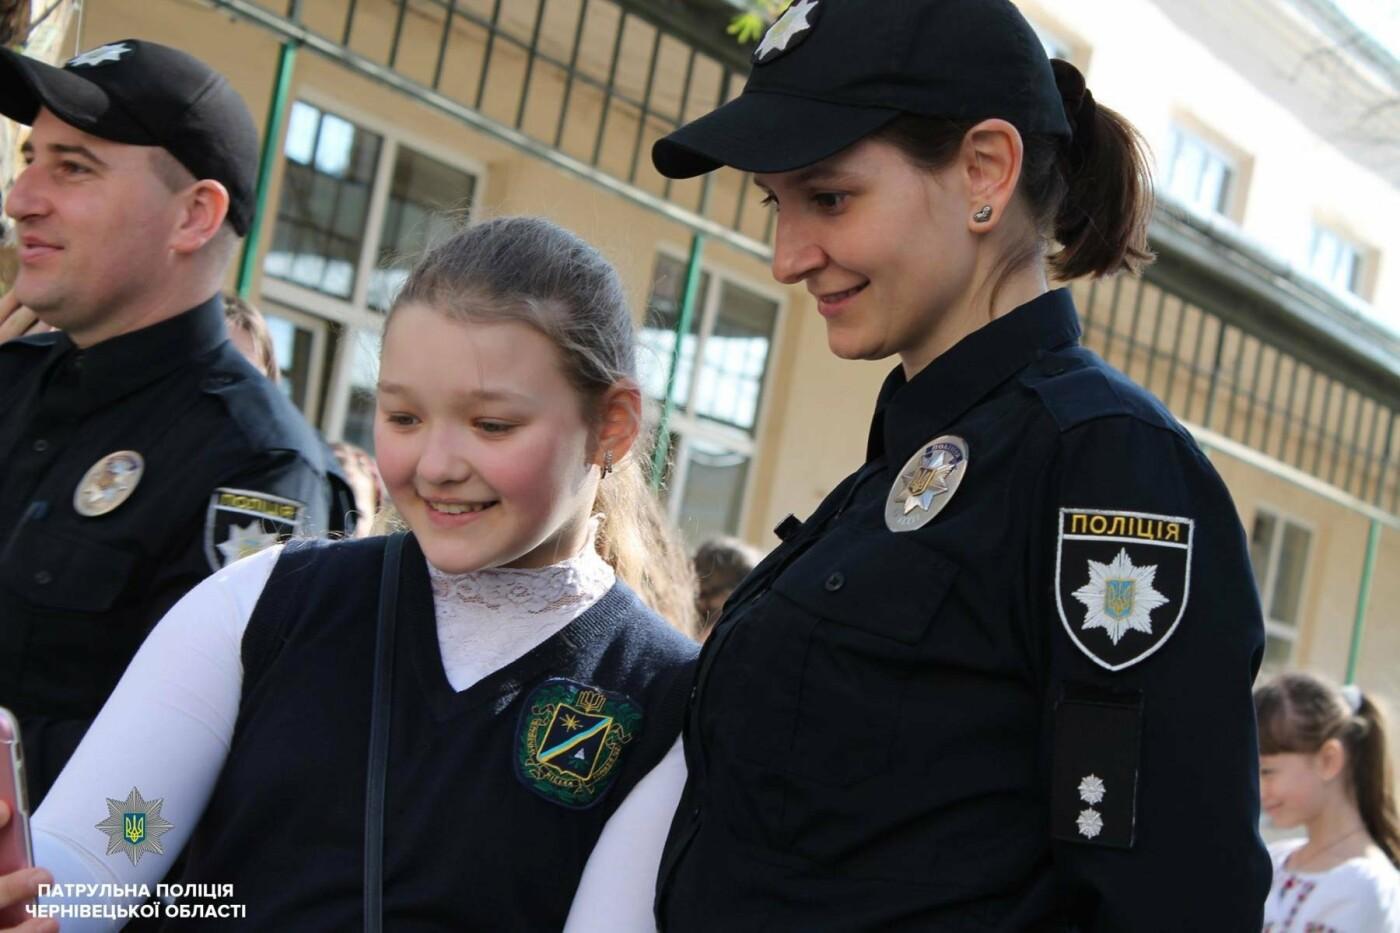 Шкільні офіцери поліції відтепер працюватимуть і у Чернівцях, фото-1